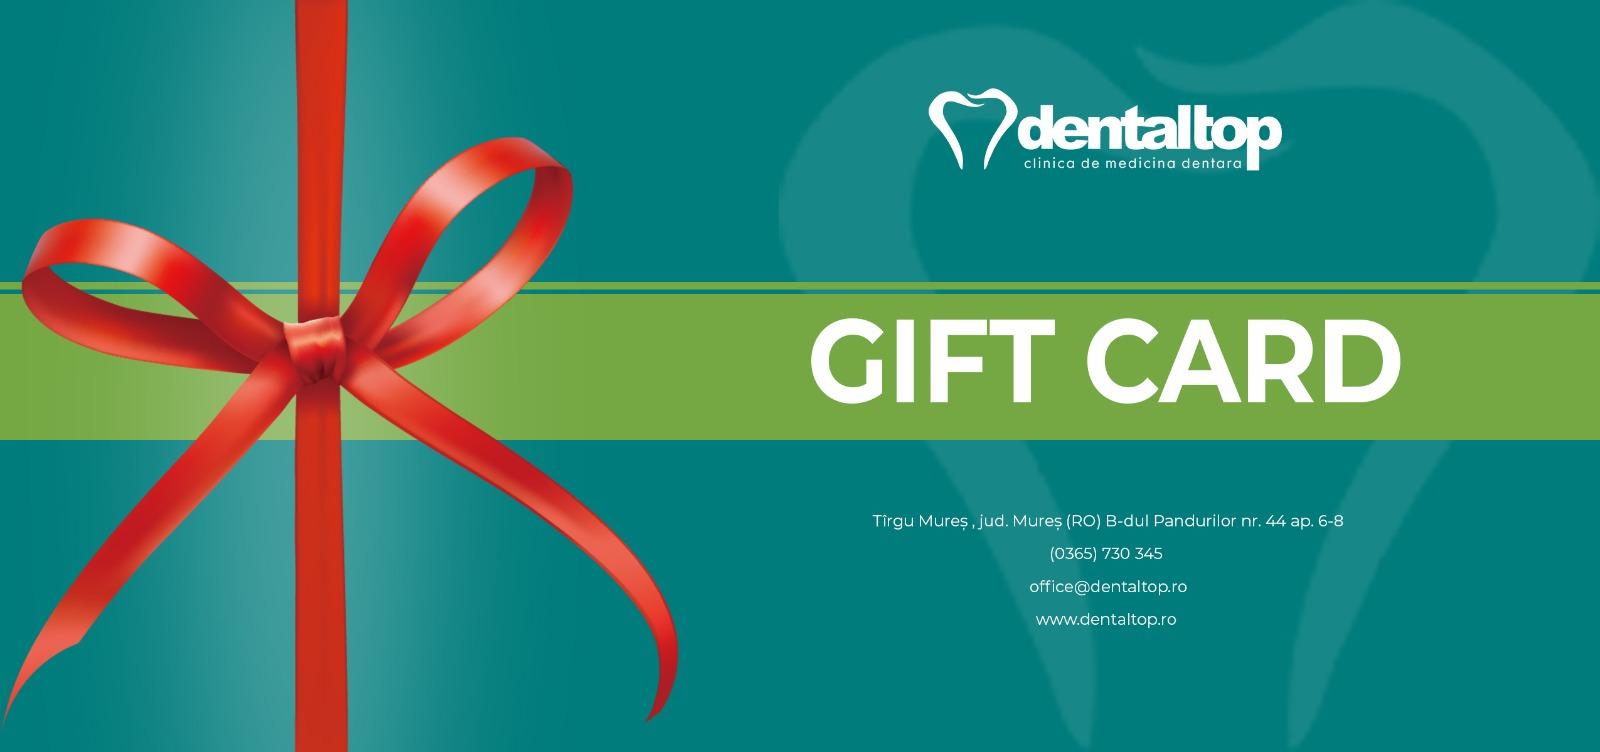 Gift Card Dentaltop